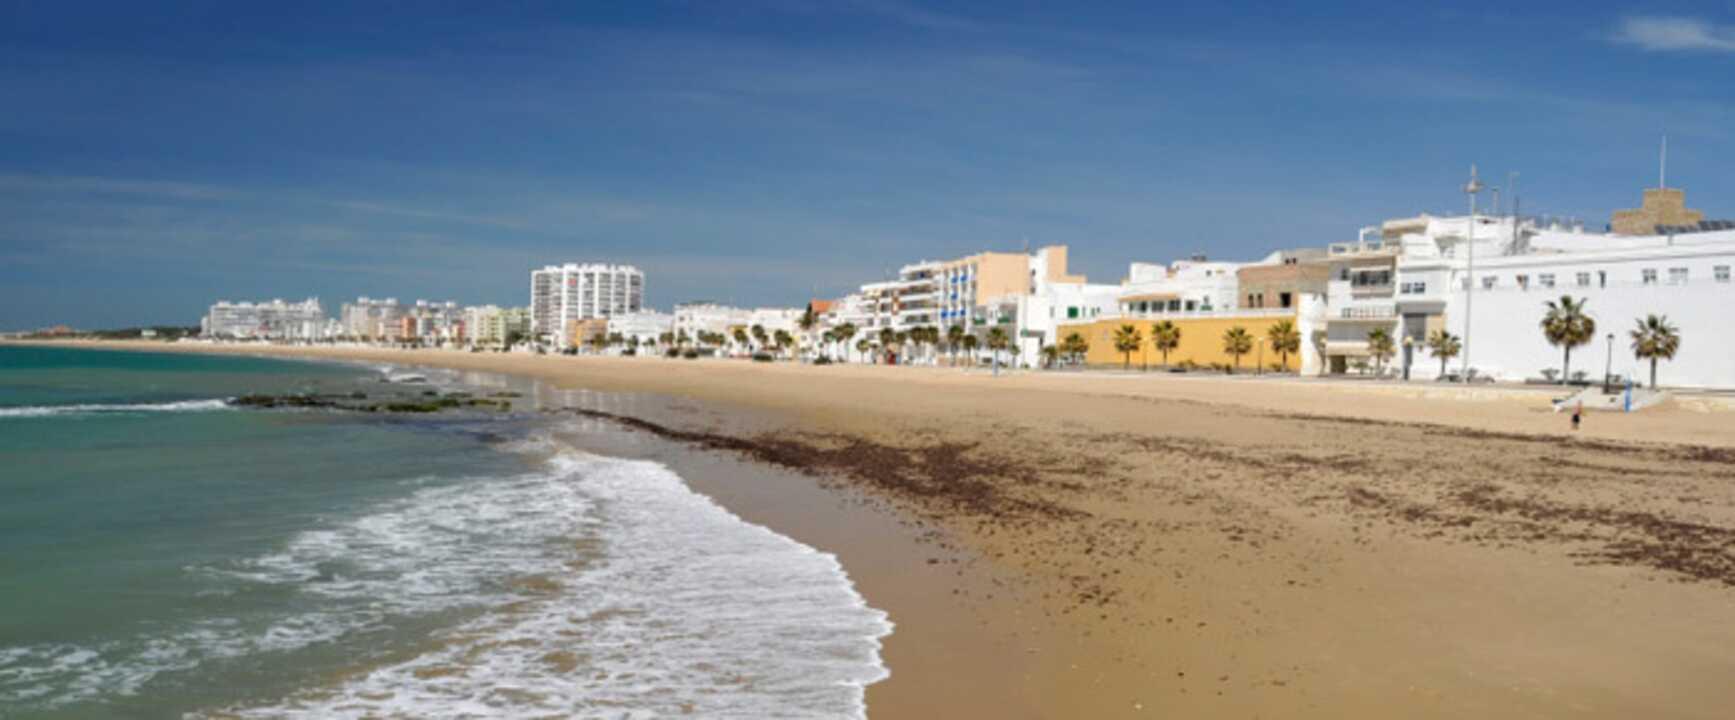 Costa De La Luz Holidays